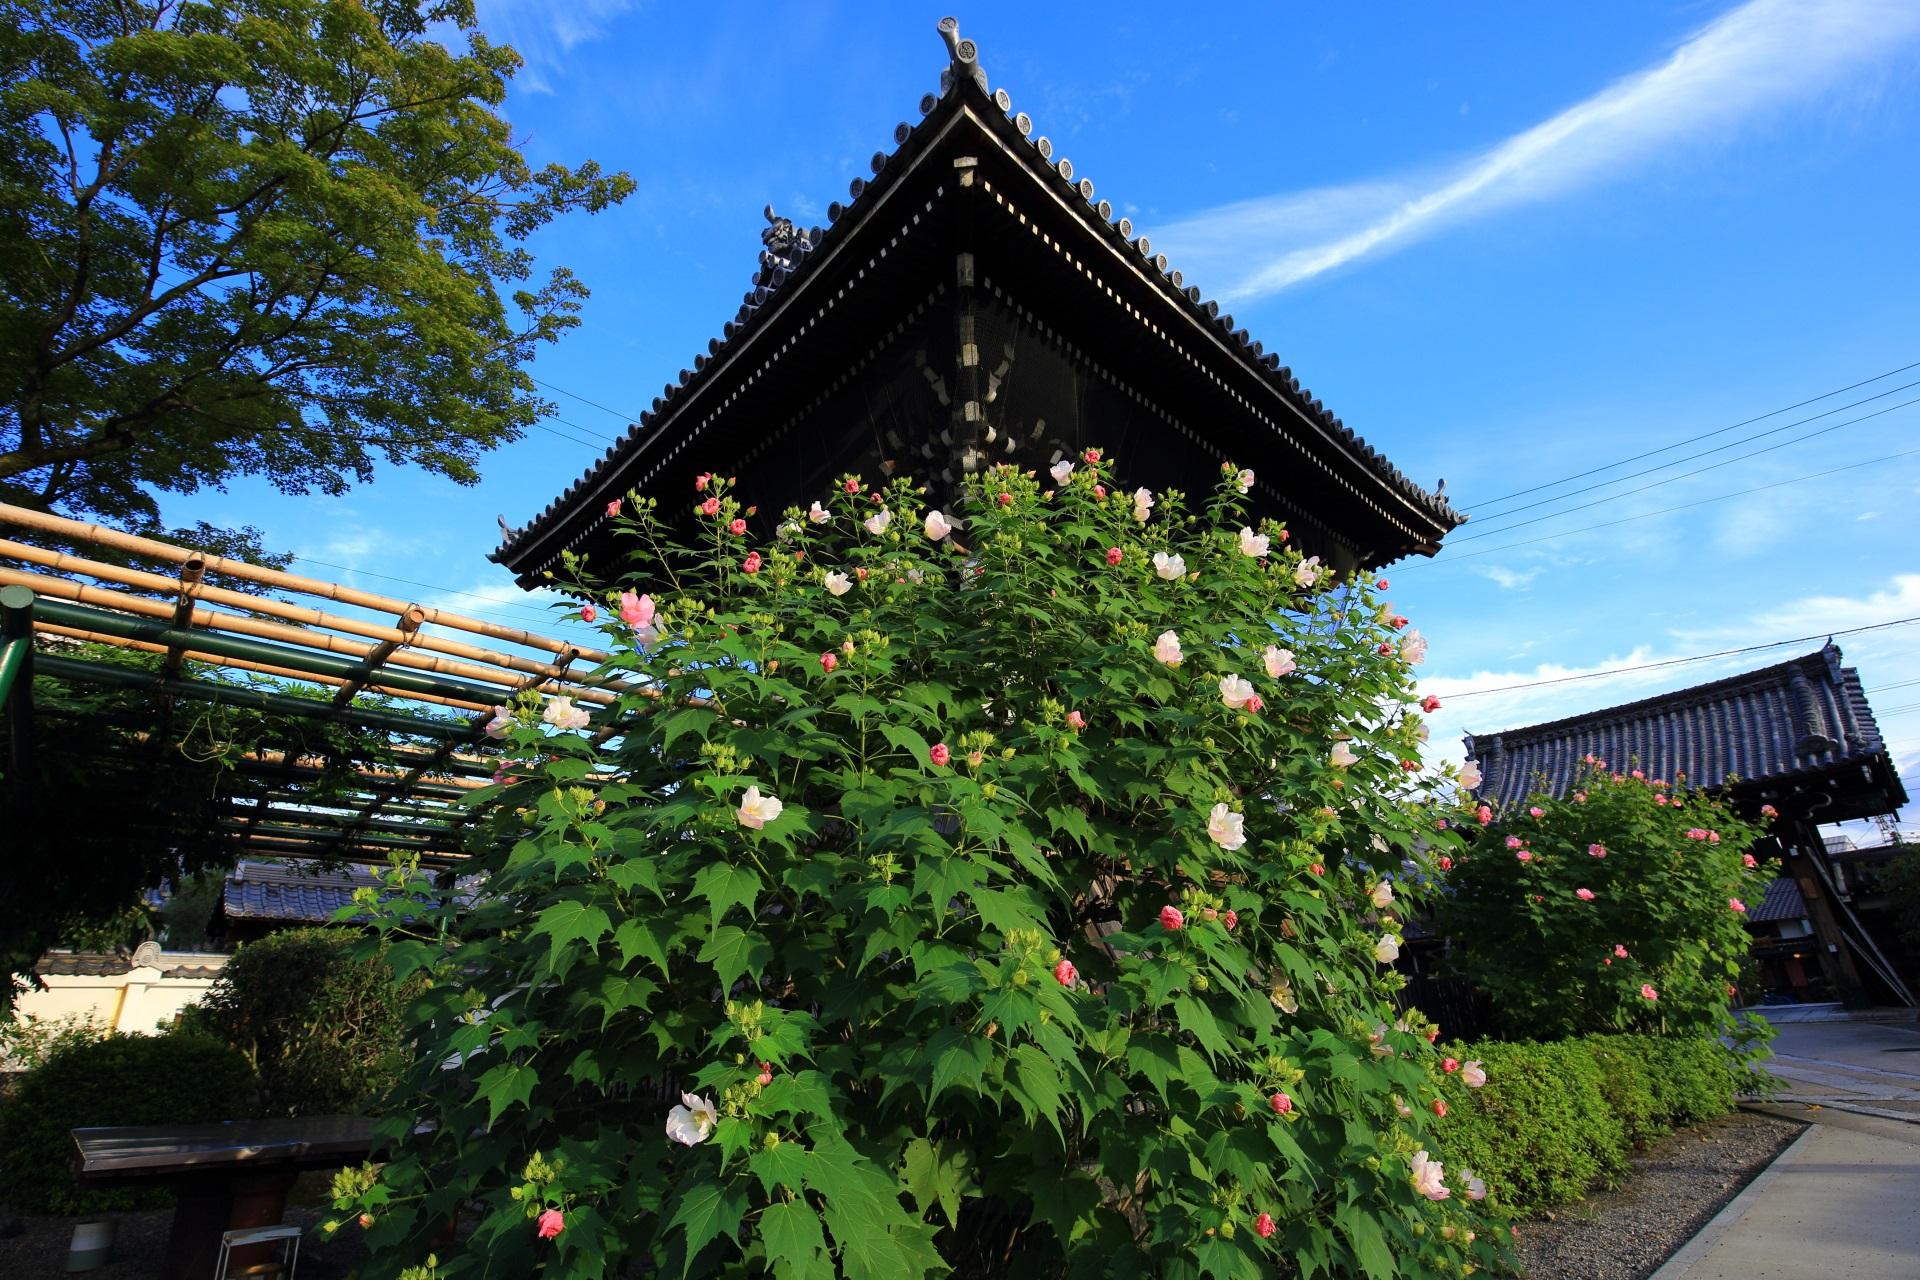 妙蓮寺の鐘楼とまだまだ見ごろの芙蓉の花